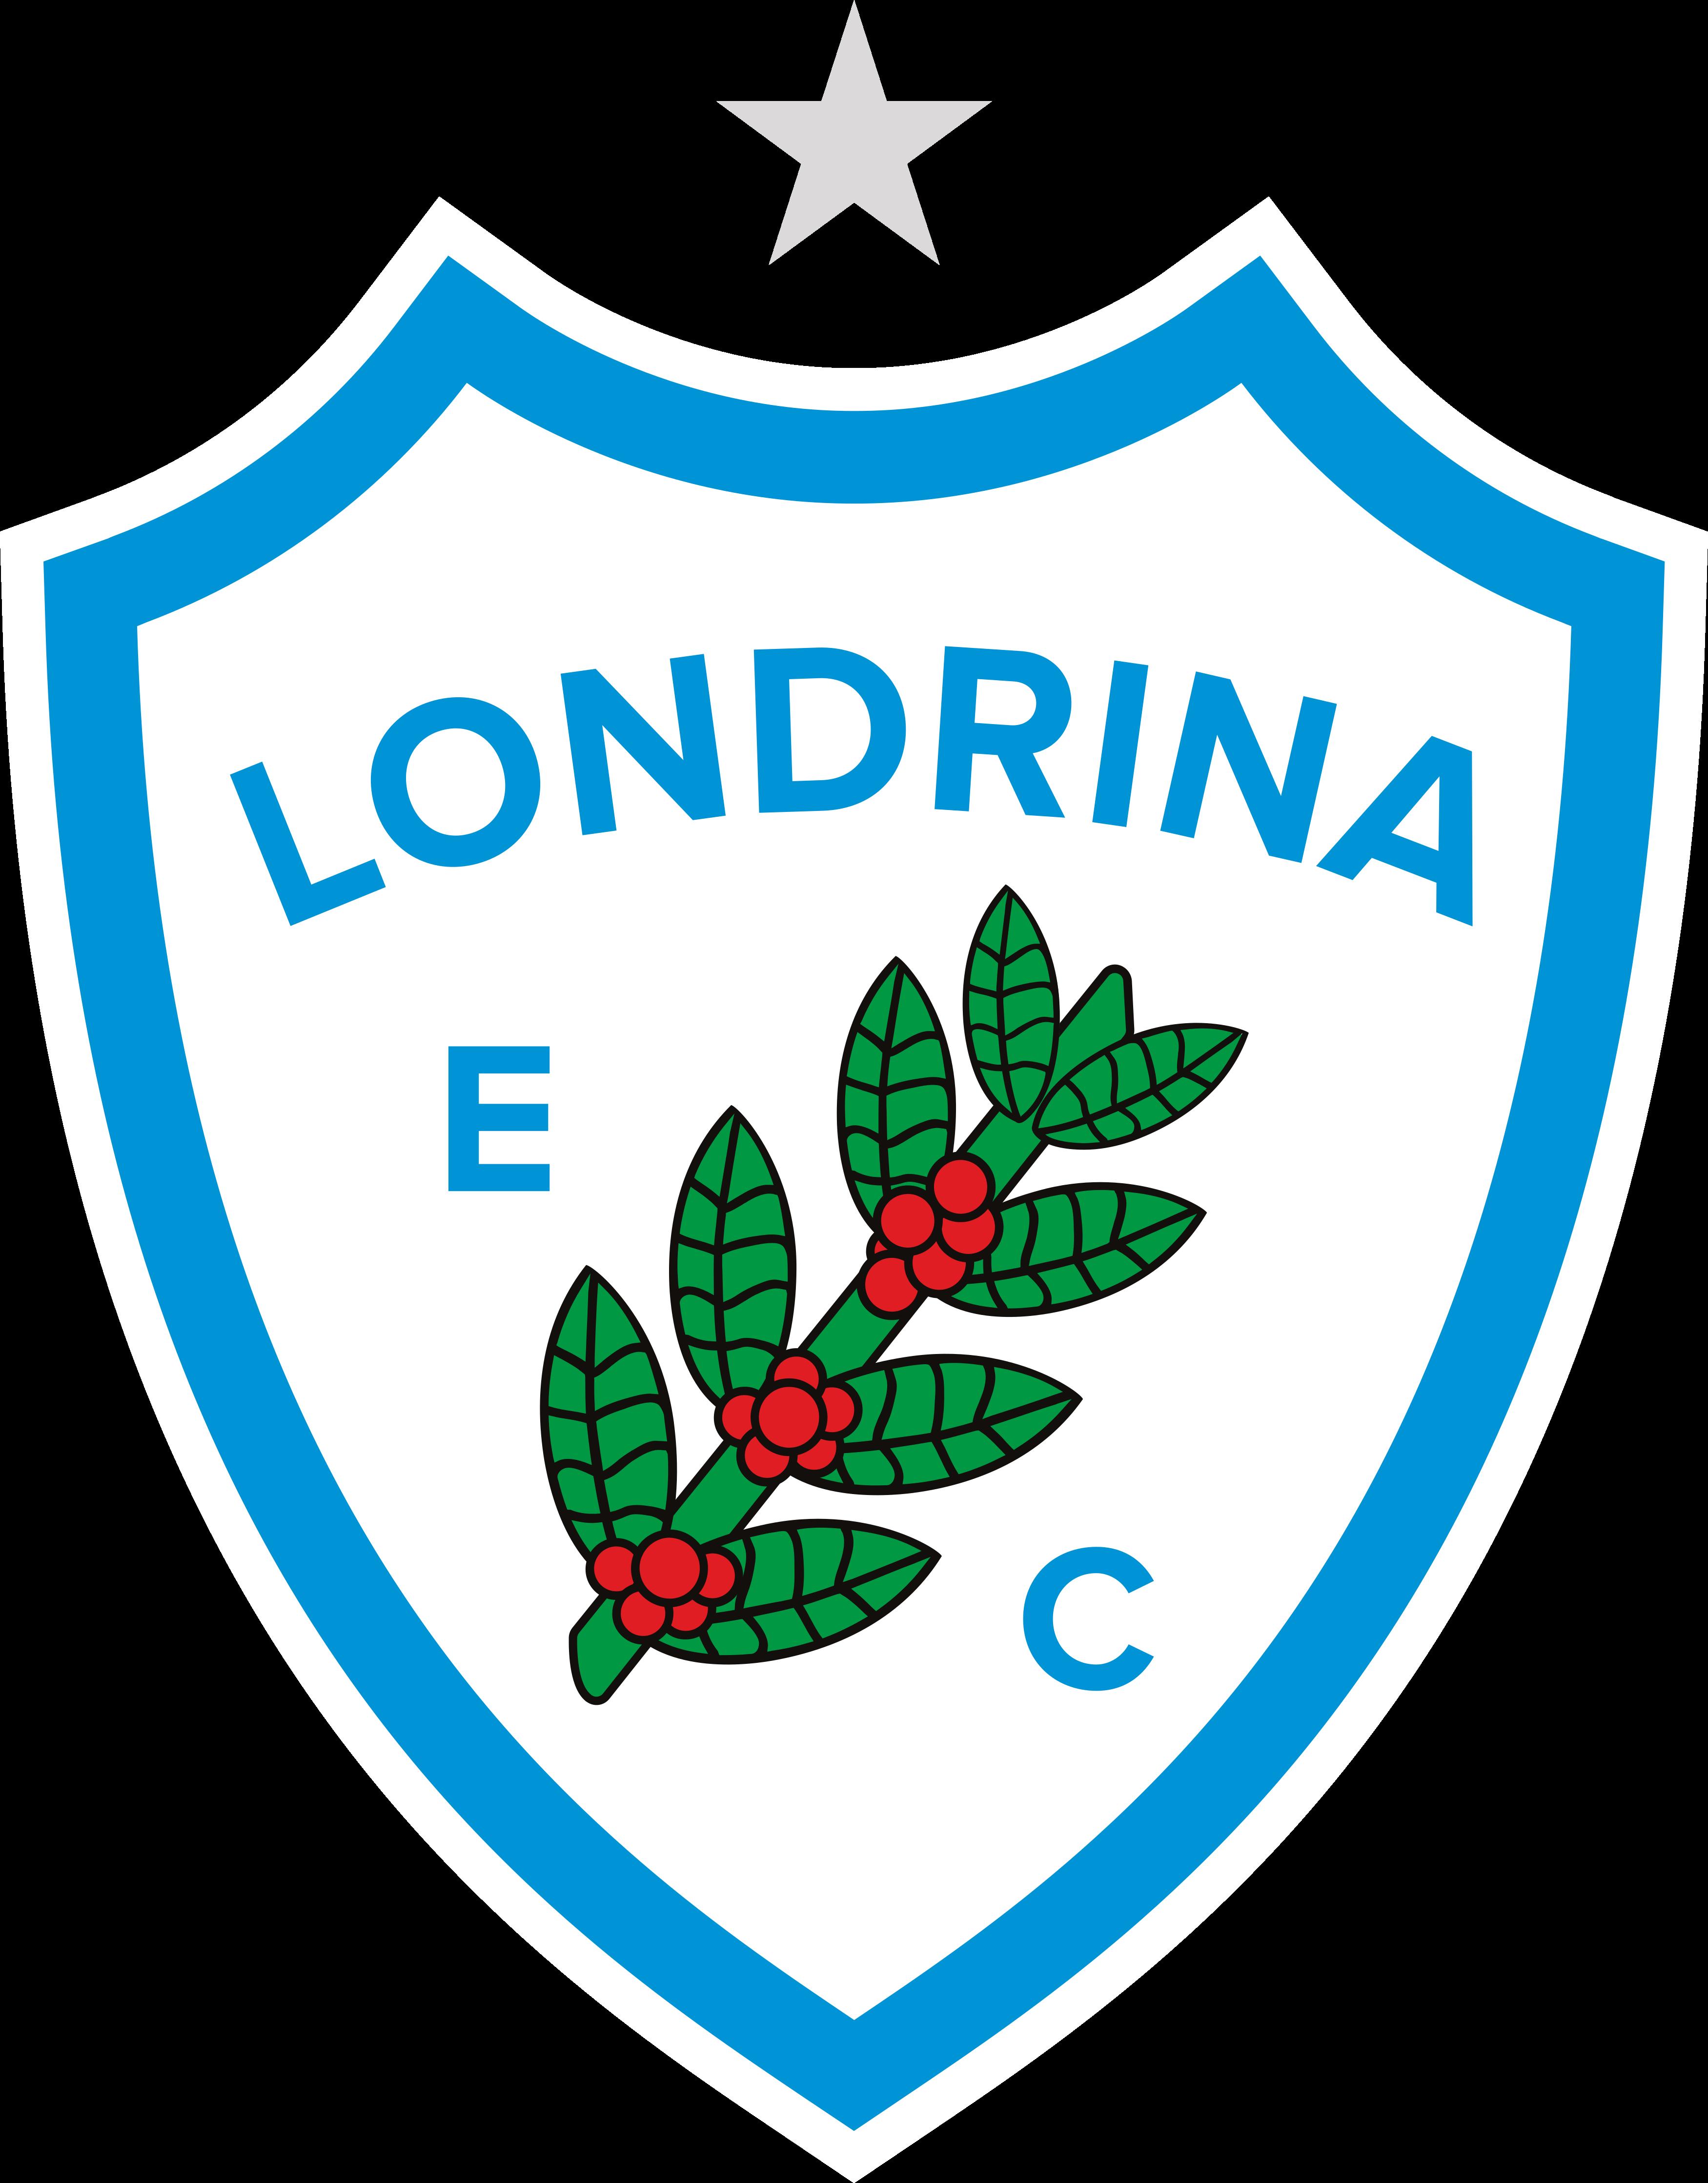 Londrina EC Logo, Escudo.